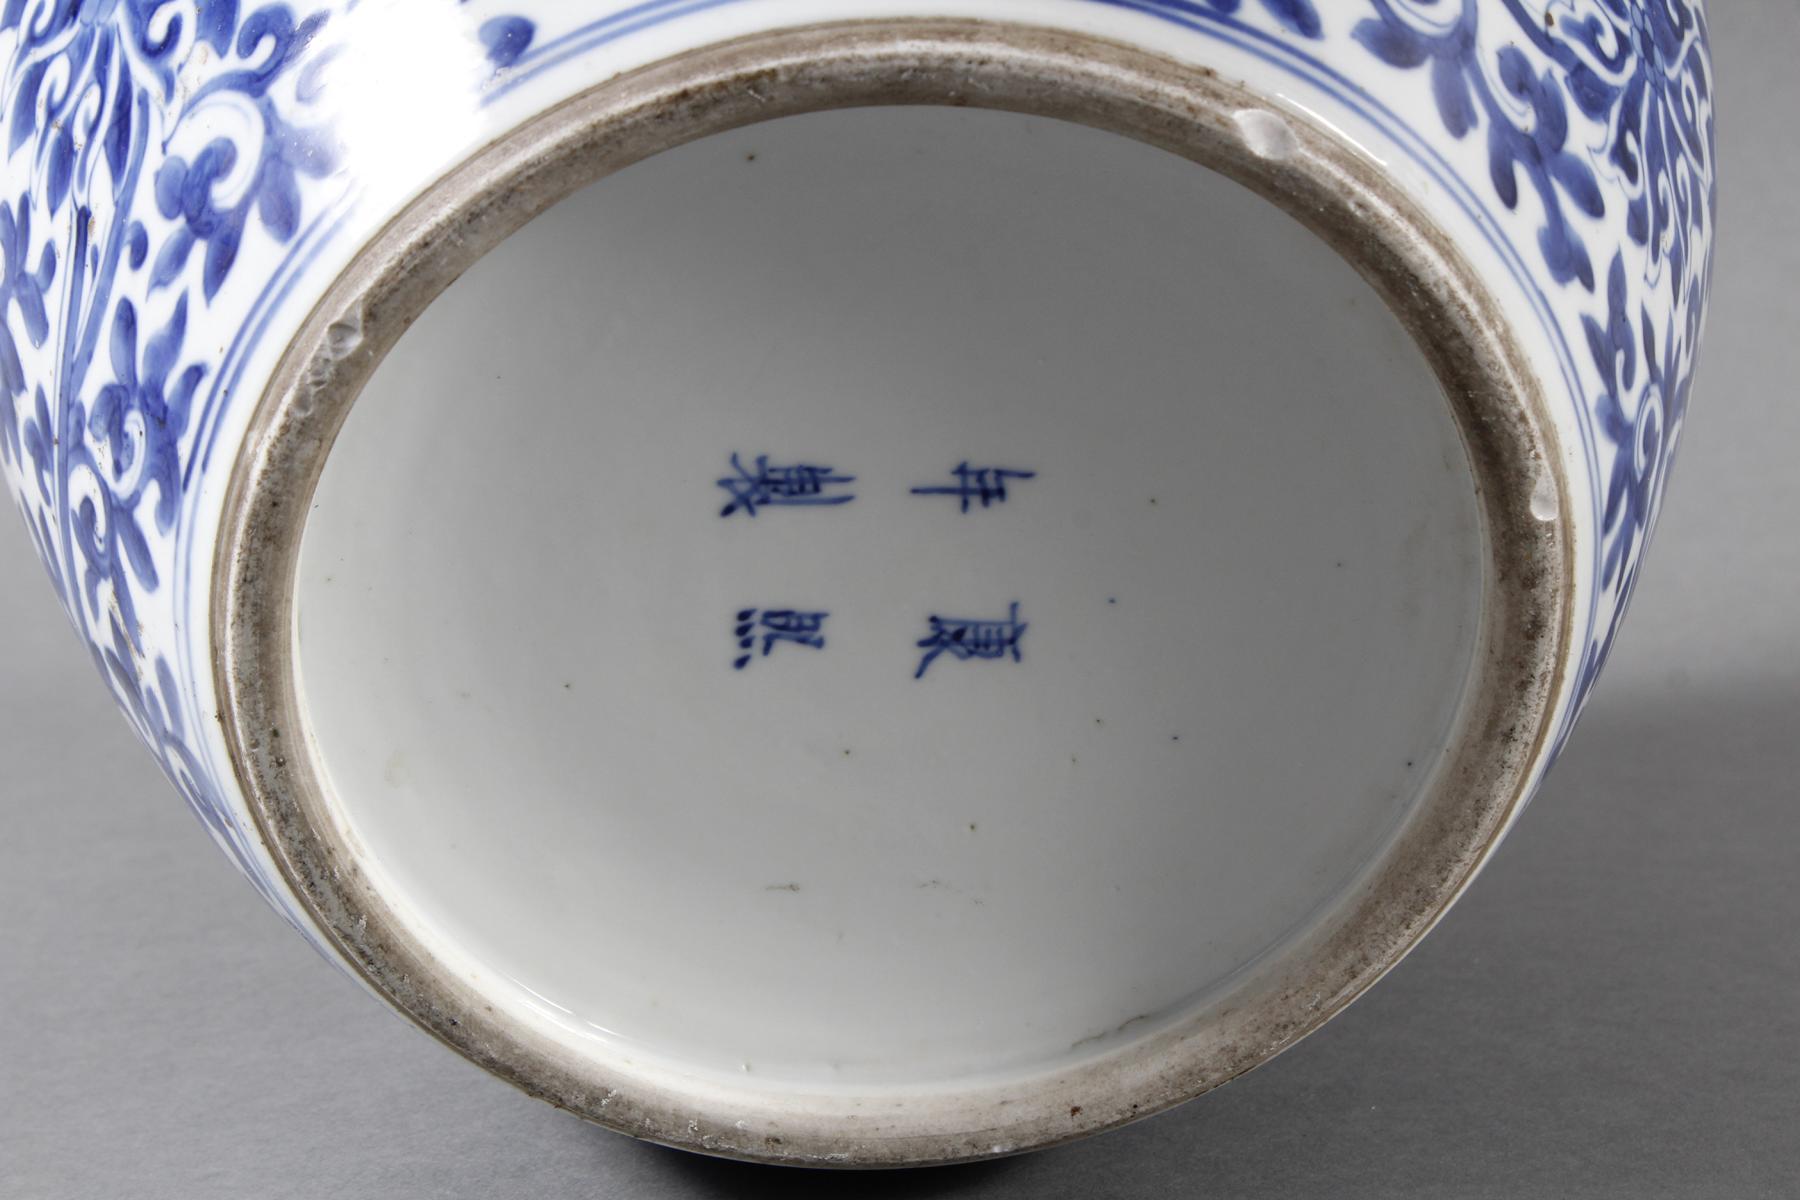 Blau-weiß Vase mit Deckel, Porzellan, China, Kang-hsi (1662-1722) Marke und Periode-9